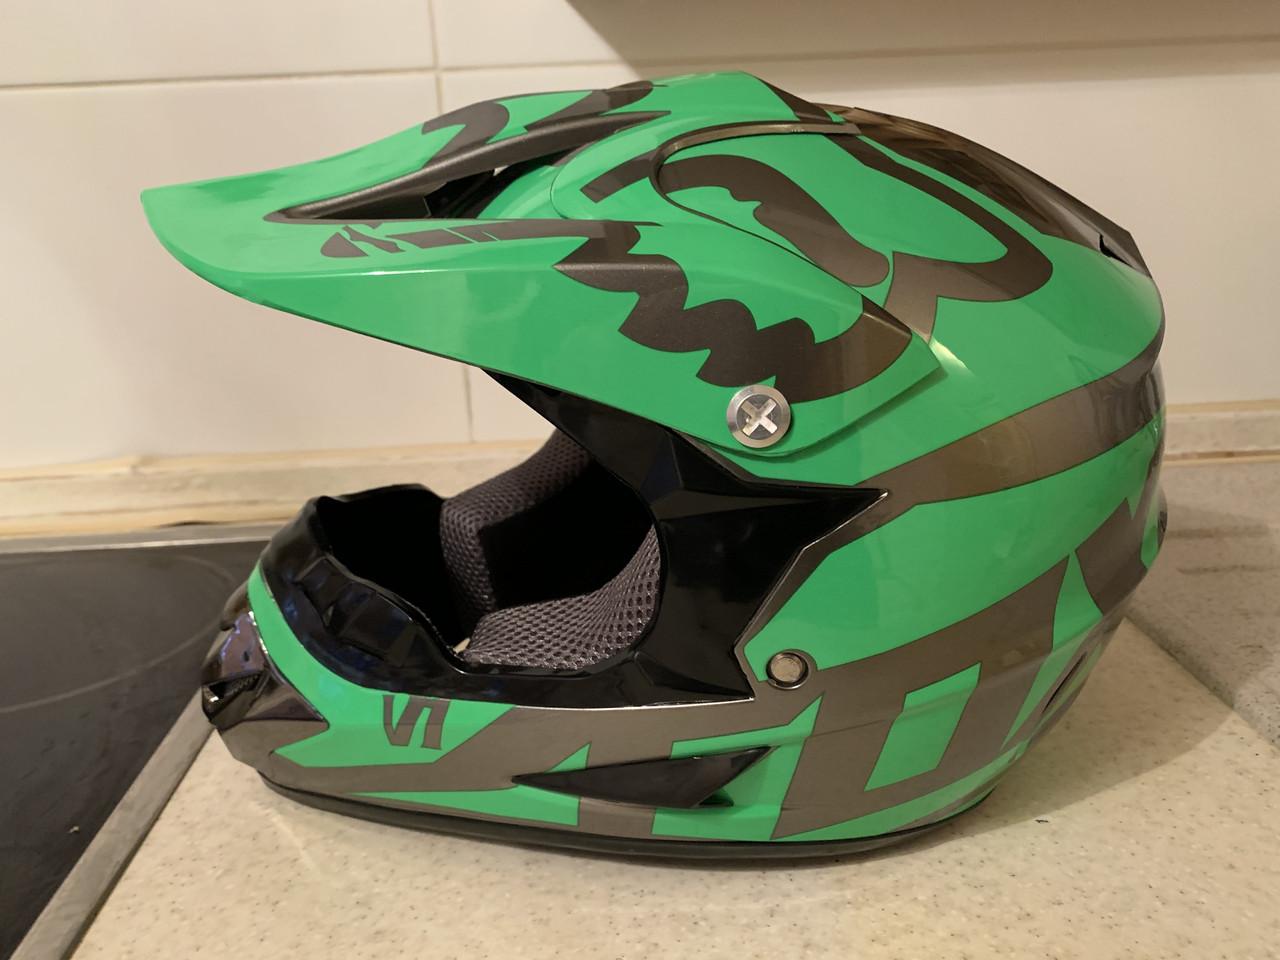 Детский зелёный  мото кроссовый шлем  фулфейс Fox  (эндуро, даунхил)